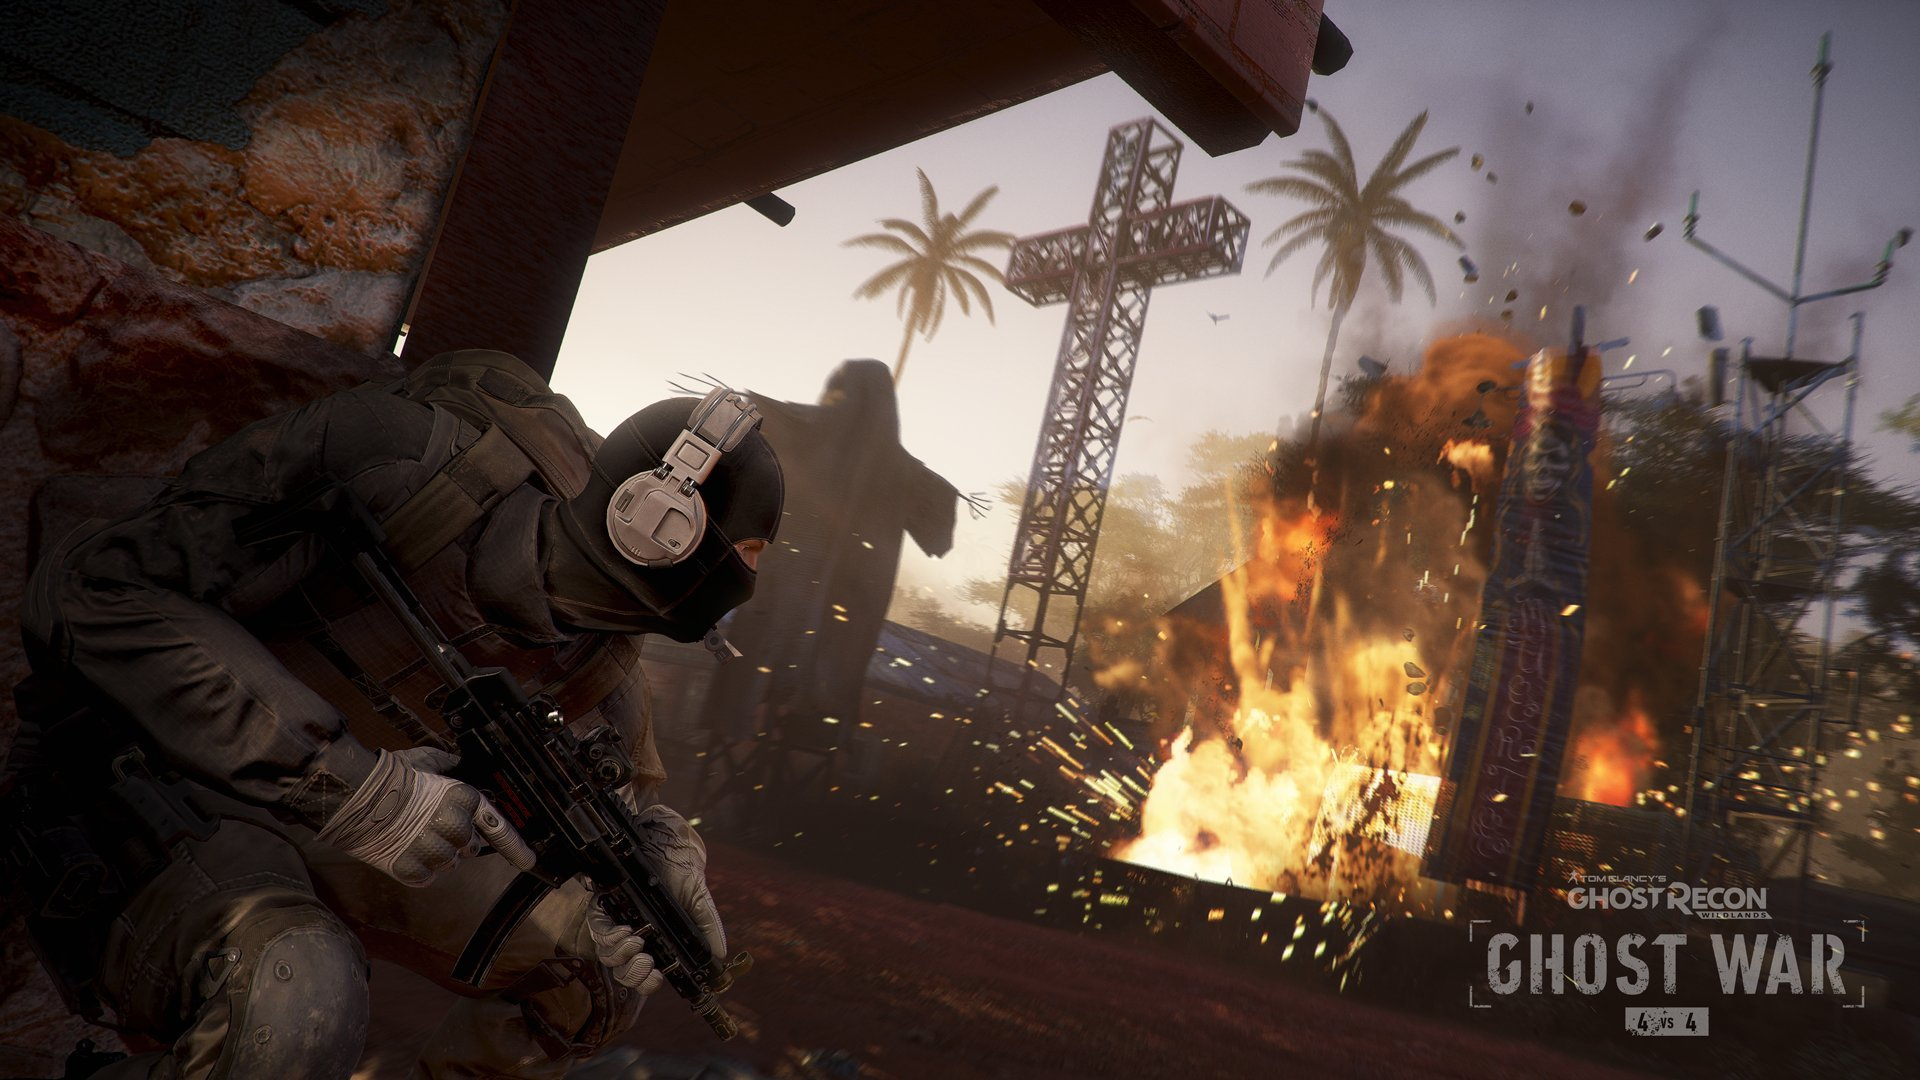 Ghost Recon Ghost War Captura de tela